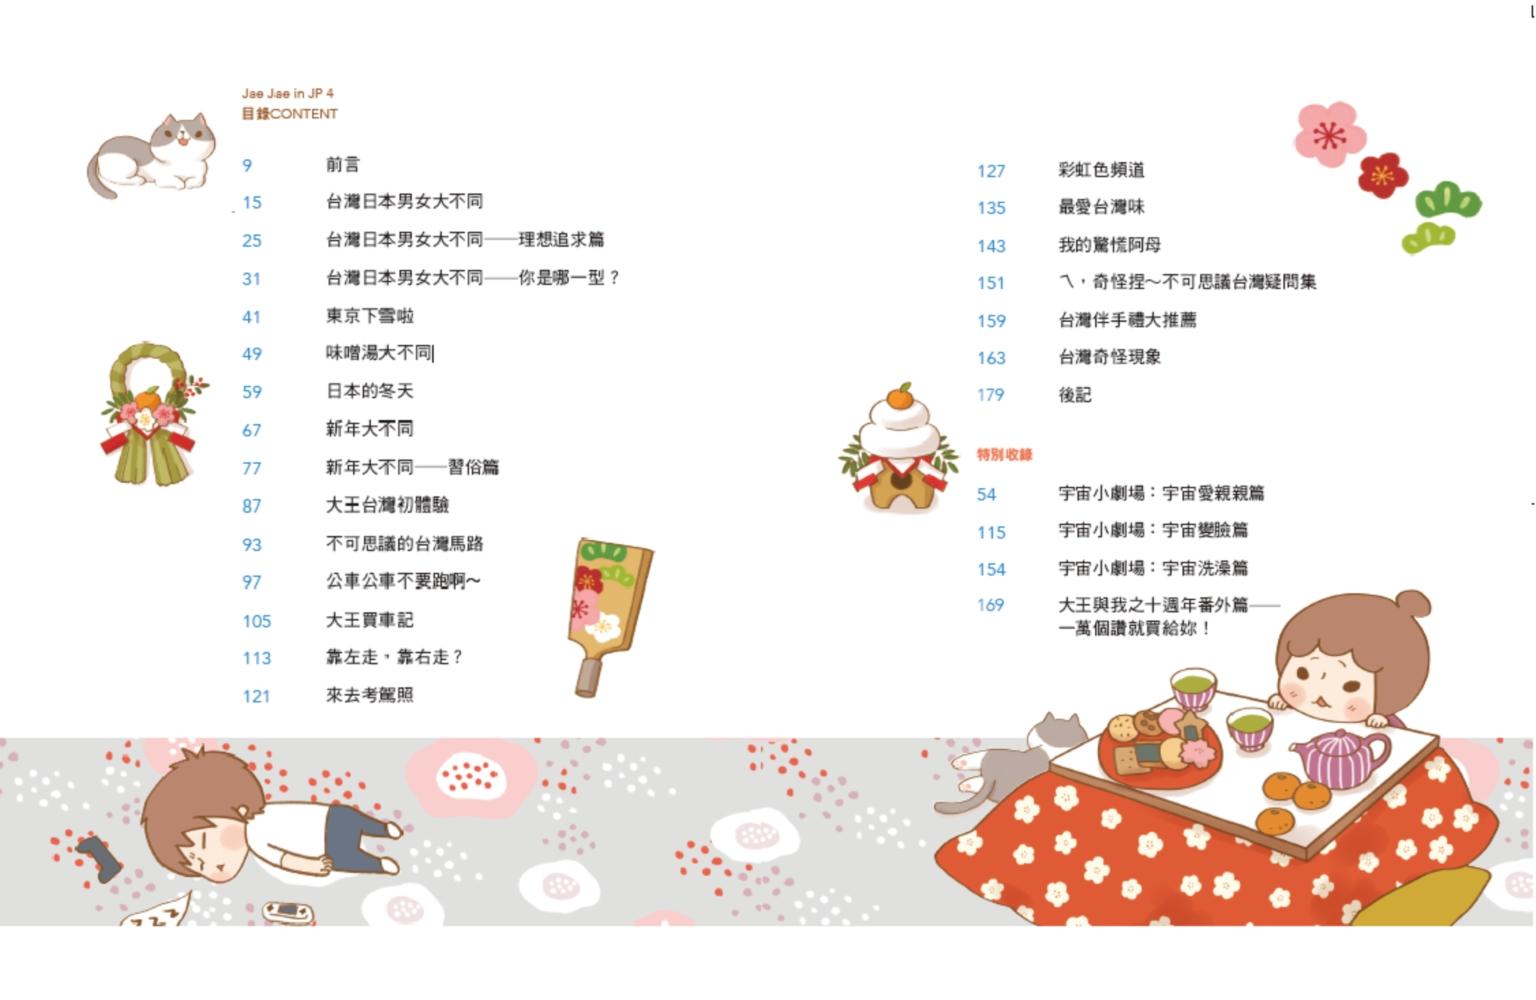 http://im2.book.com.tw/image/getImage?i=http://www.books.com.tw/img/001/070/48/0010704813_bi_01.jpg&v=56ac9101&w=655&h=609